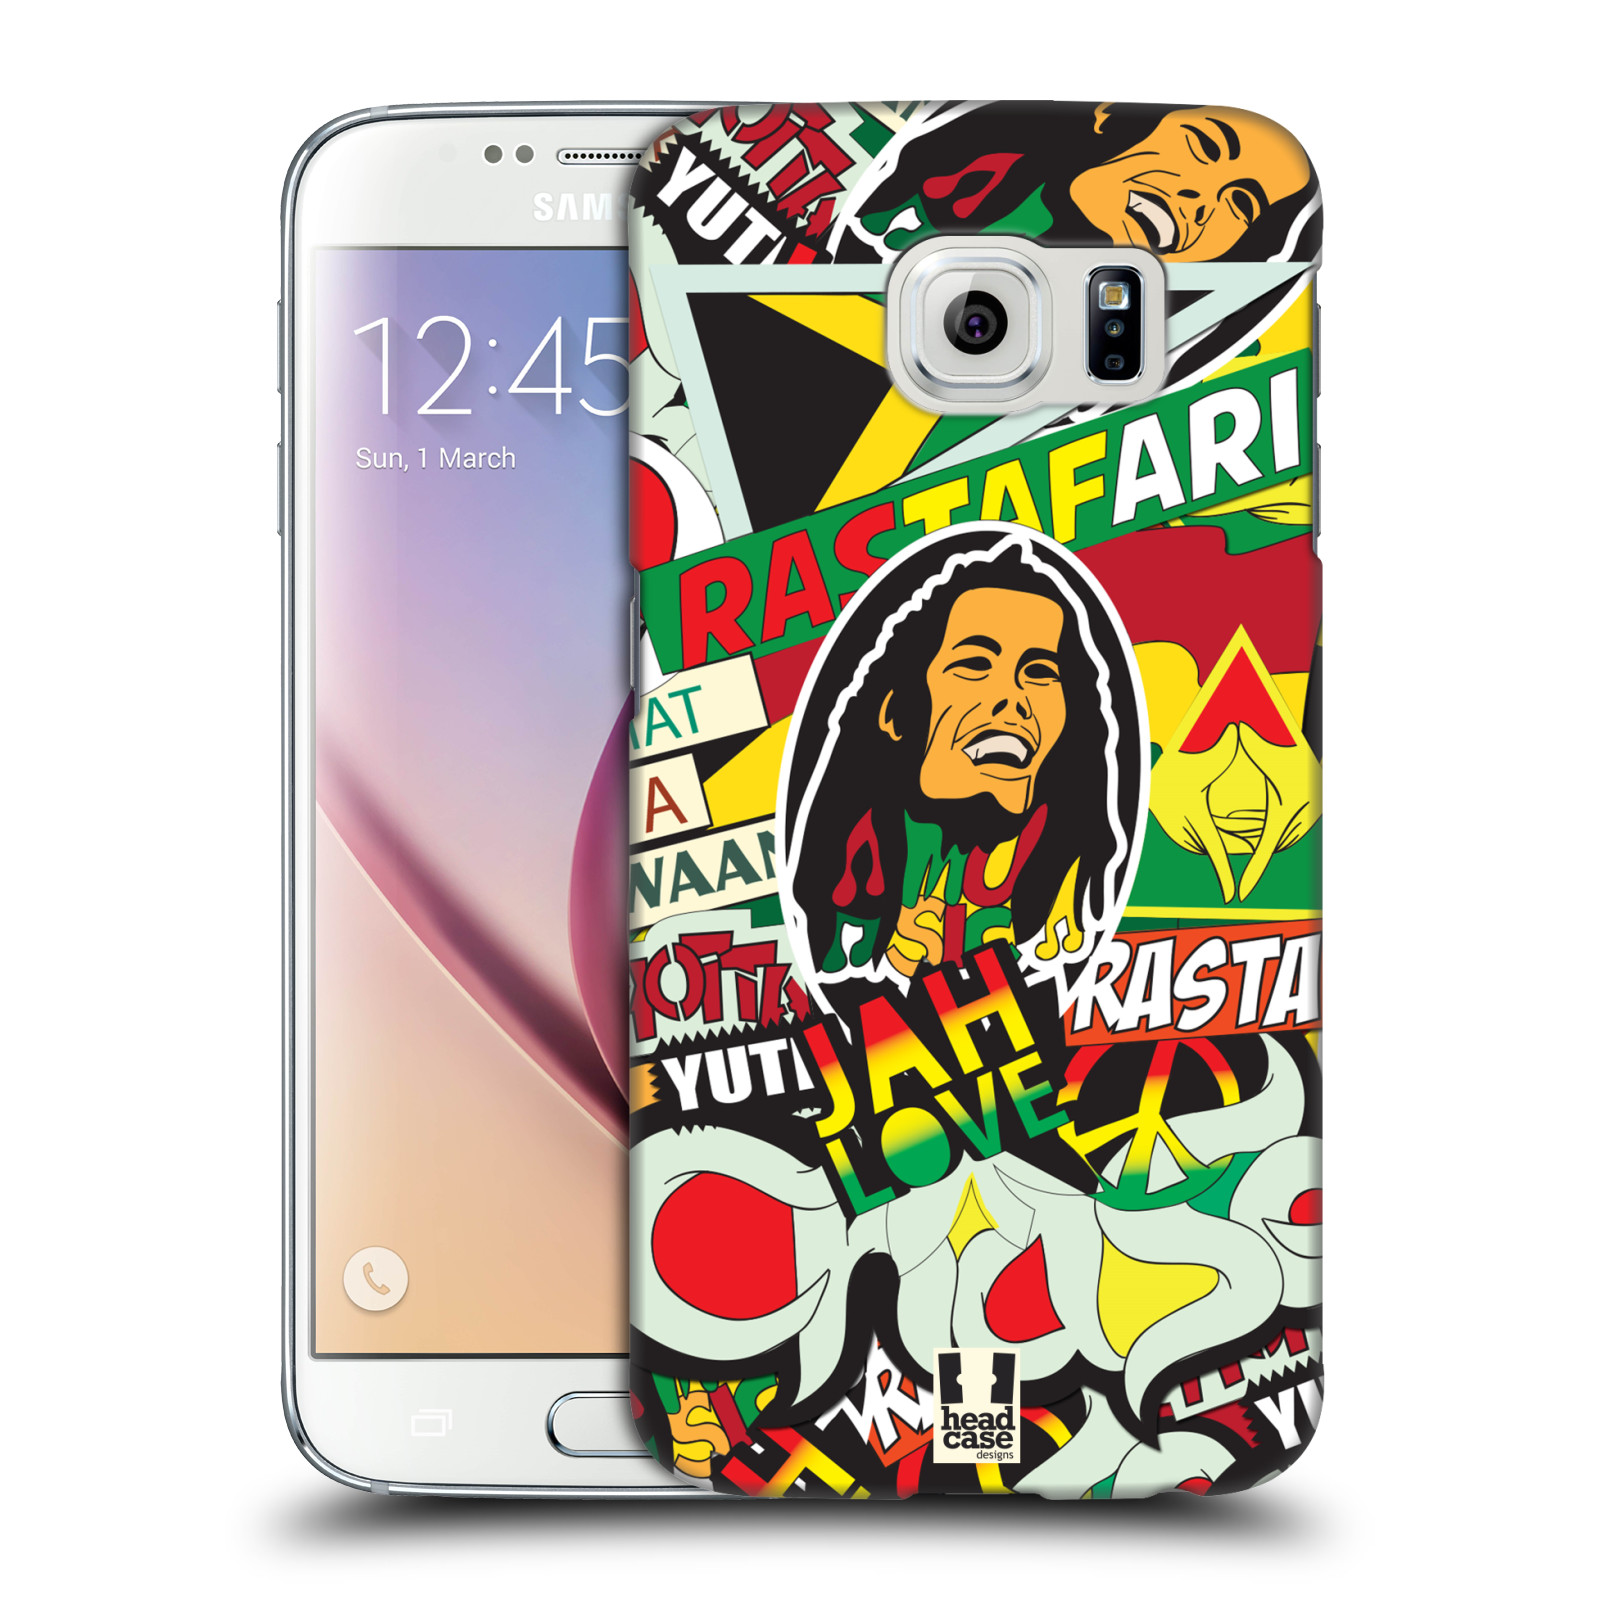 Plastové pouzdro na mobil Samsung Galaxy S6 HEAD CASE RASTA